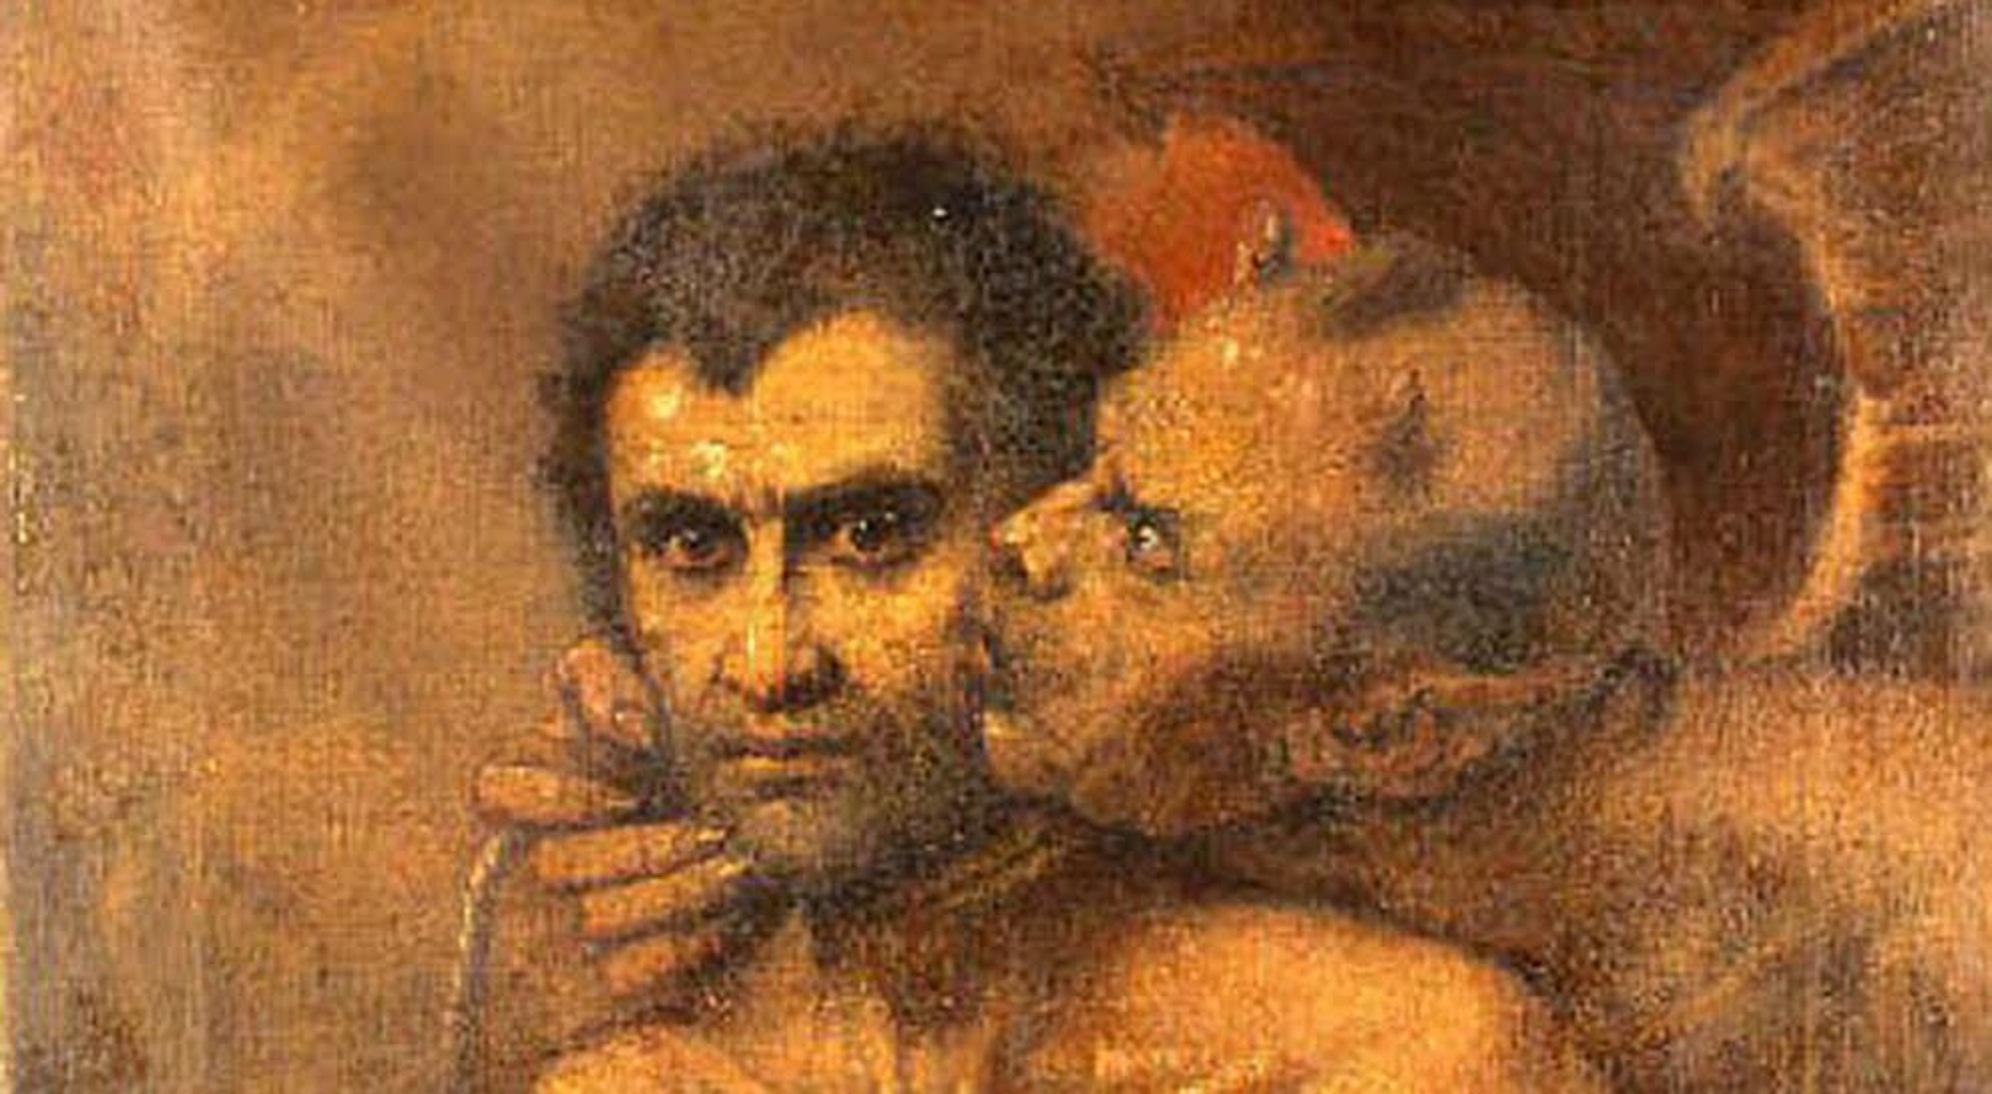 Existe el infierno segun la biblia yahoo dating